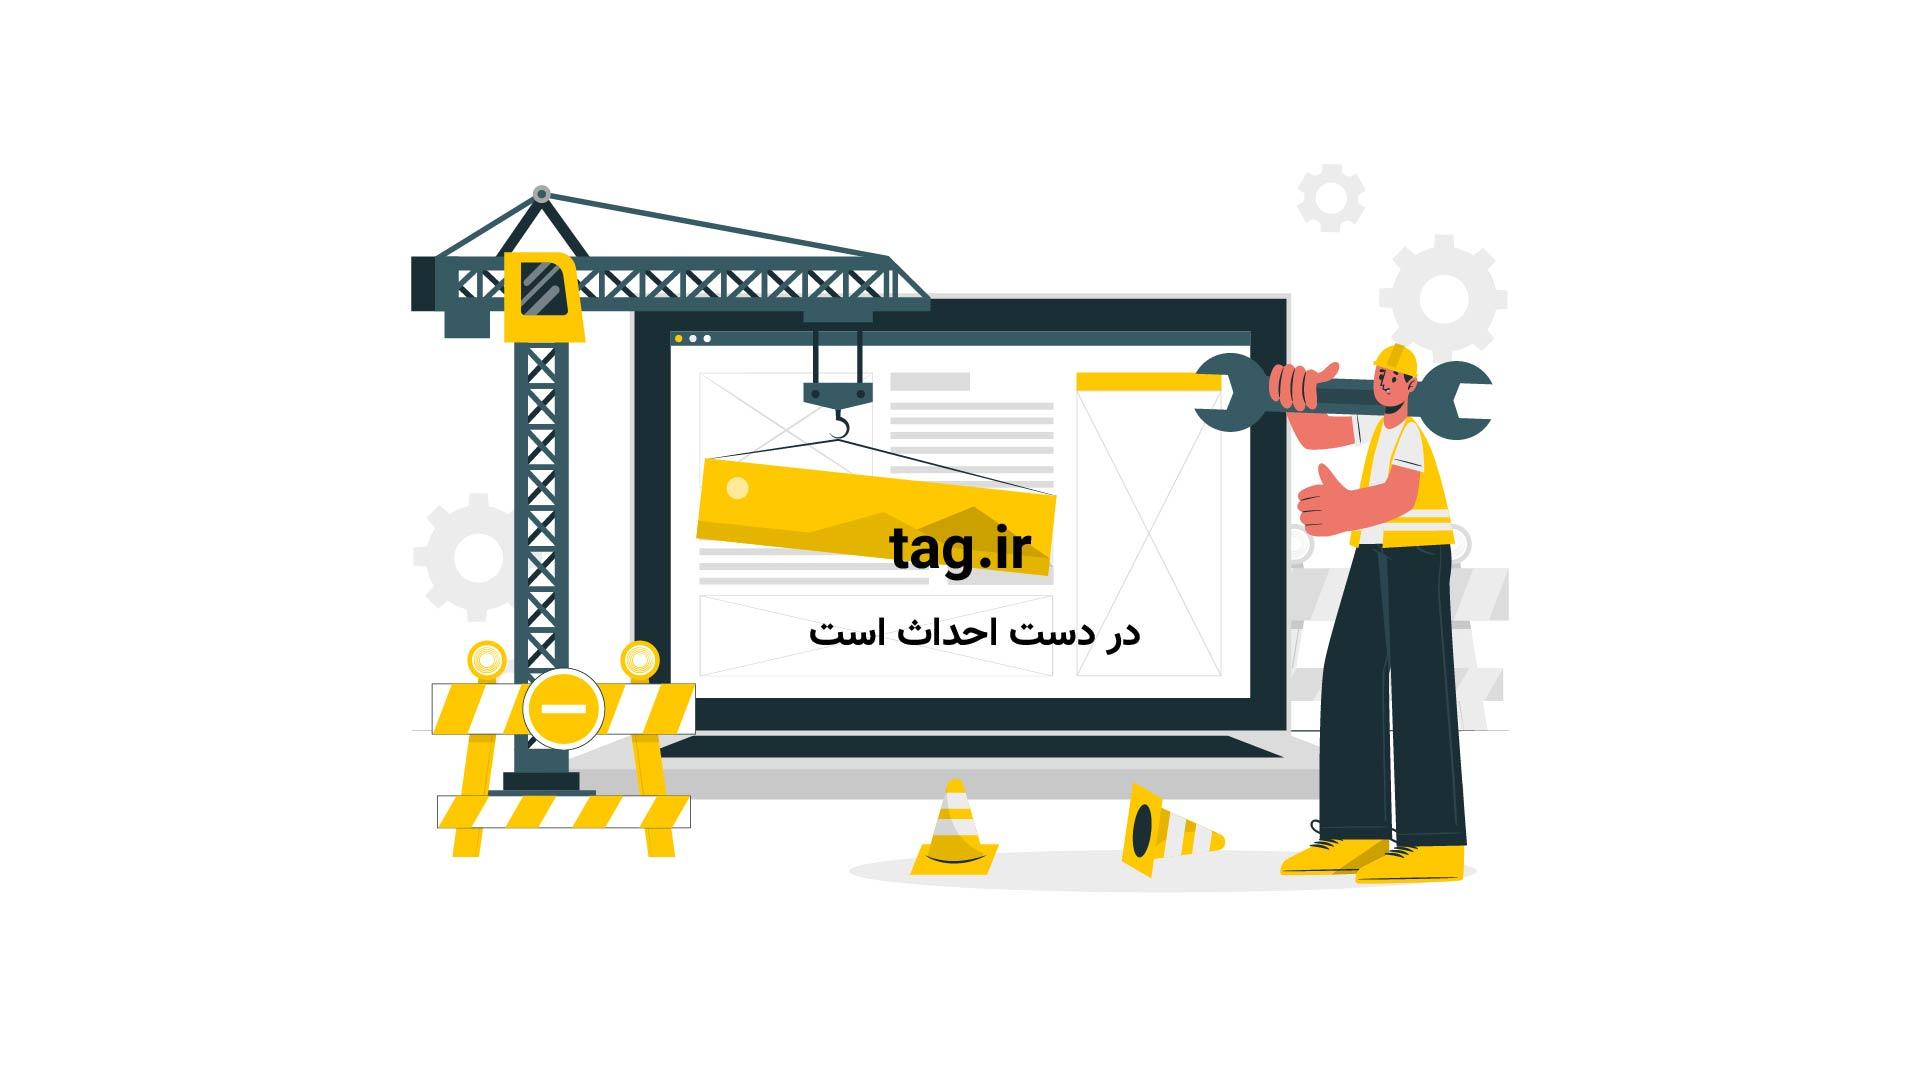 نحوه شارژ کردن باتری موبایل بدون نیاز به شارژر+فیلم